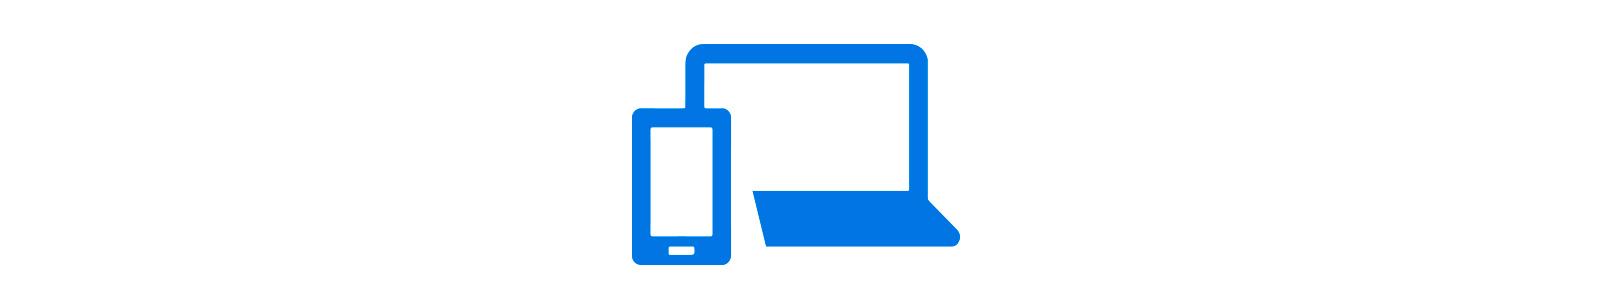 Continuum for Phone-Symbol